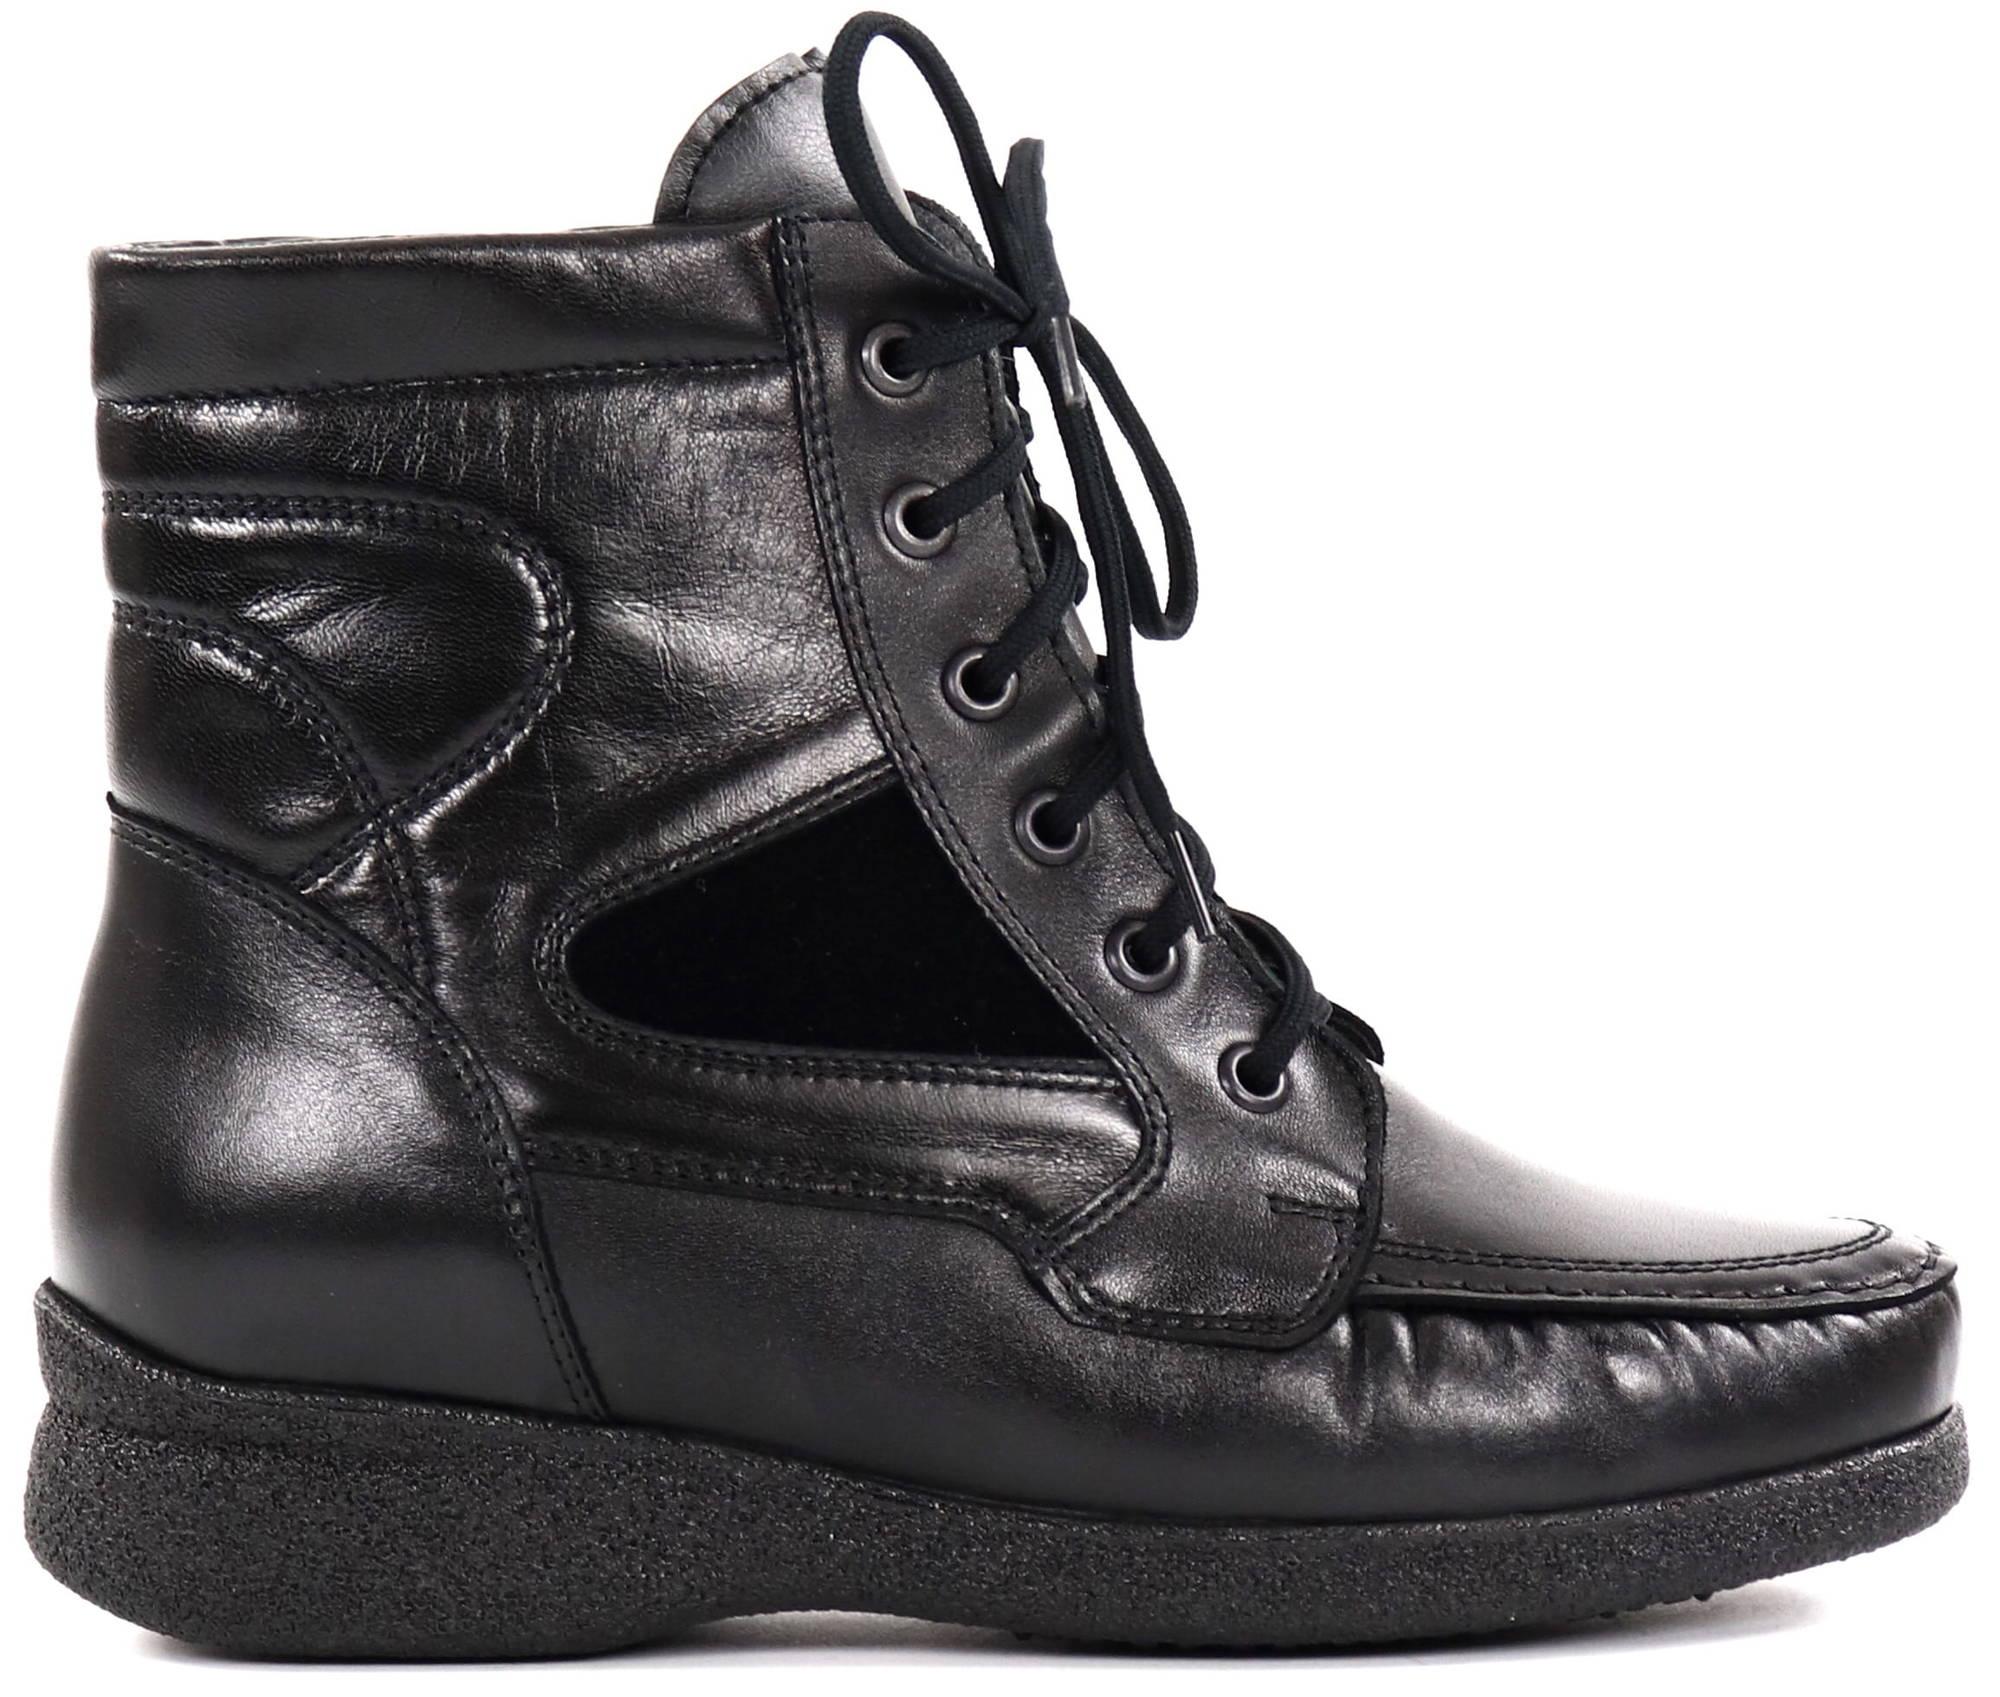 Ajavat skor | Din skobutik på nätet | Stilettoshop.se